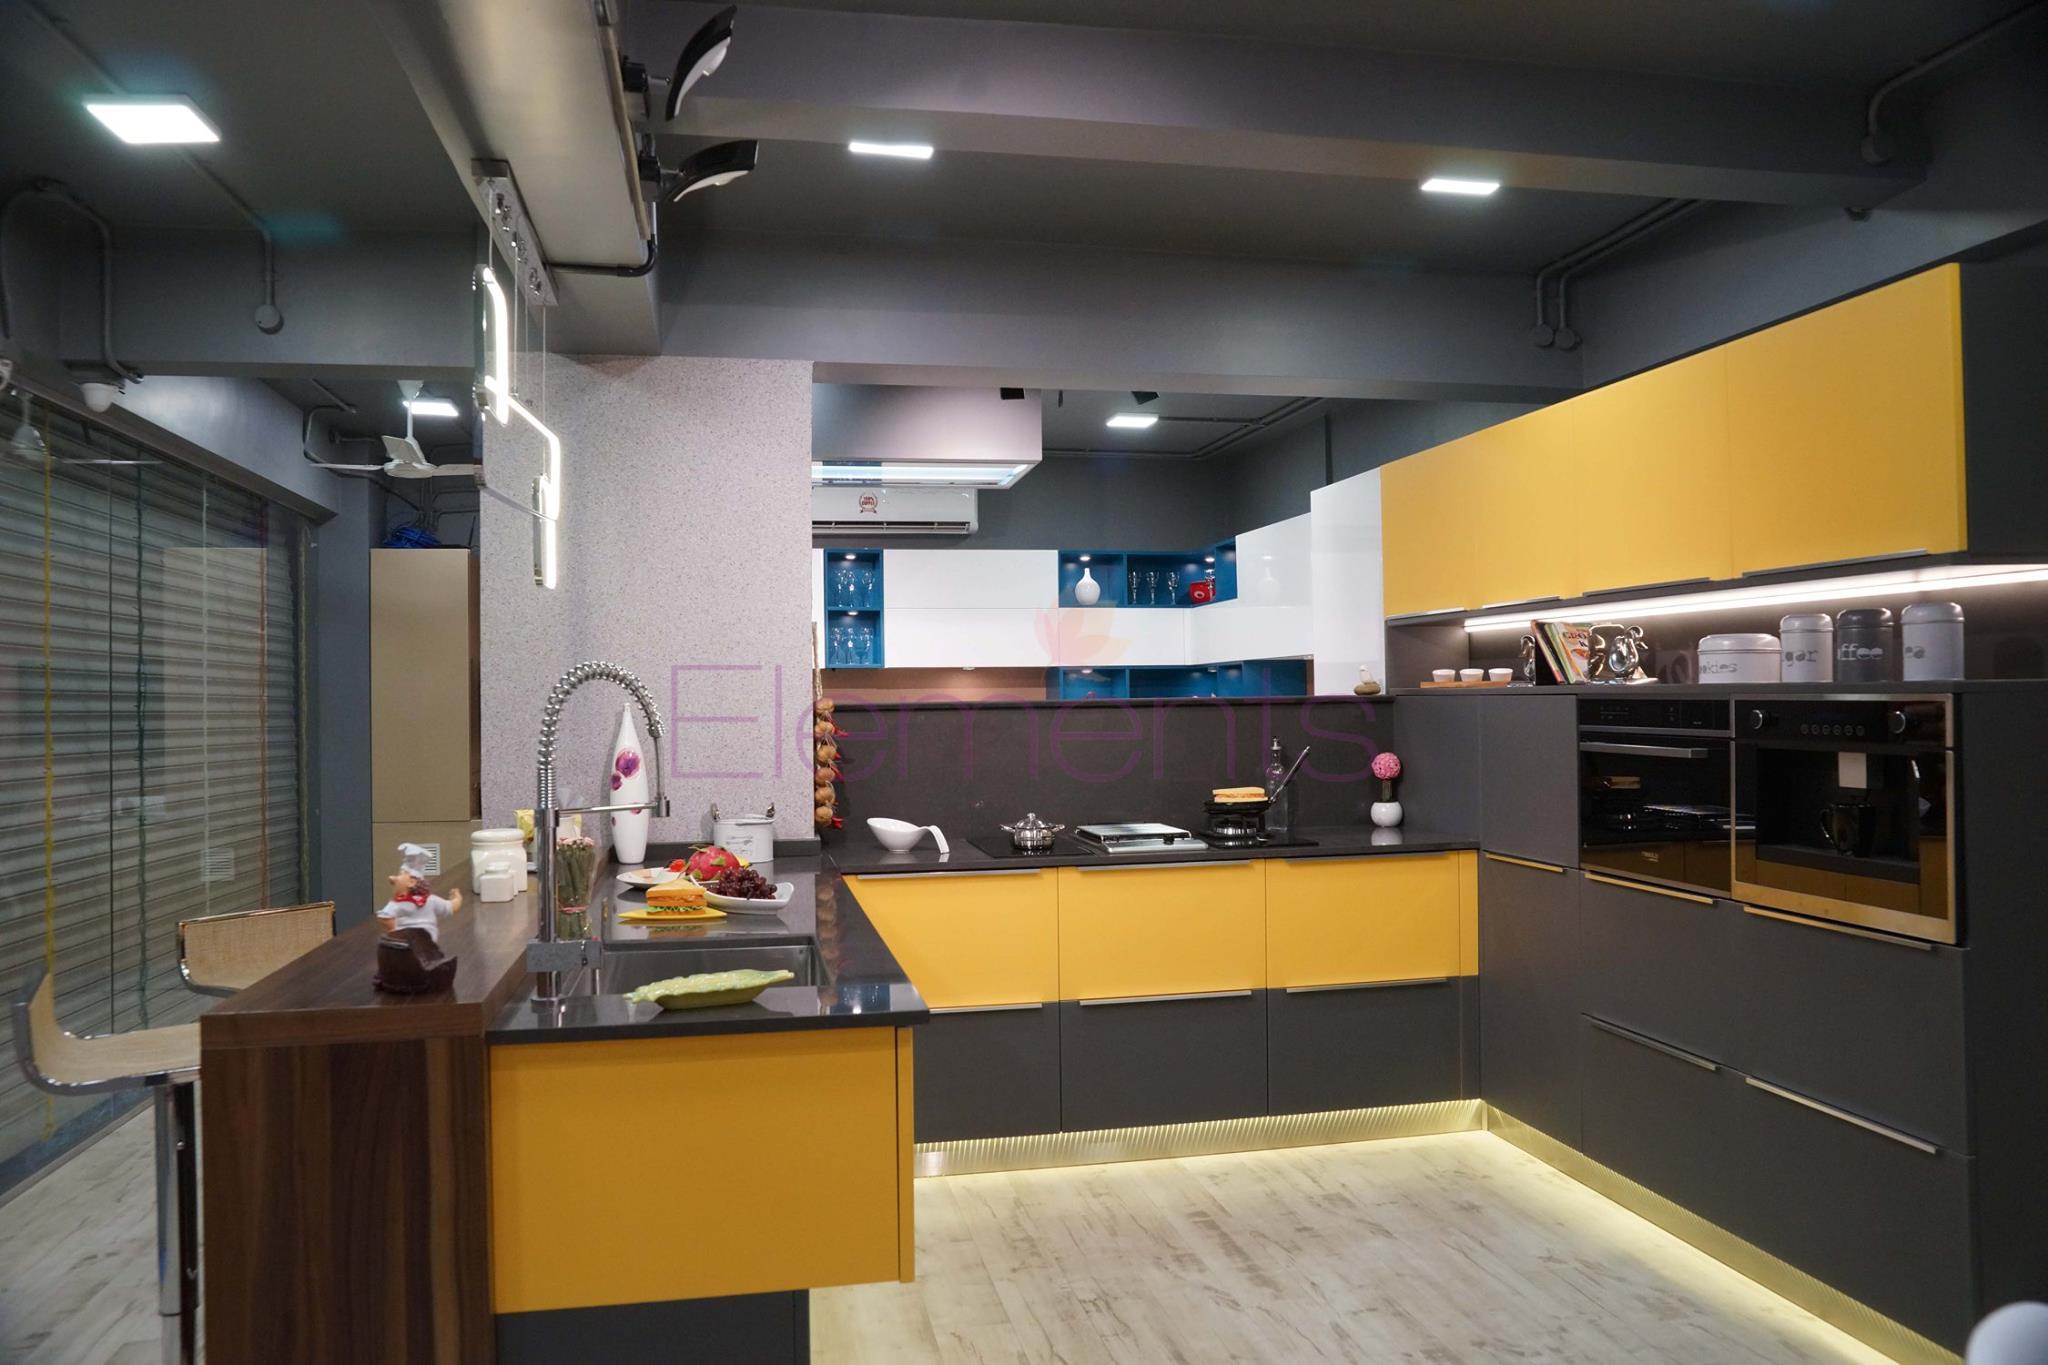 Best Modular Kitchen In Thane Elements Modular Kitchen,High End Modern Interior Design